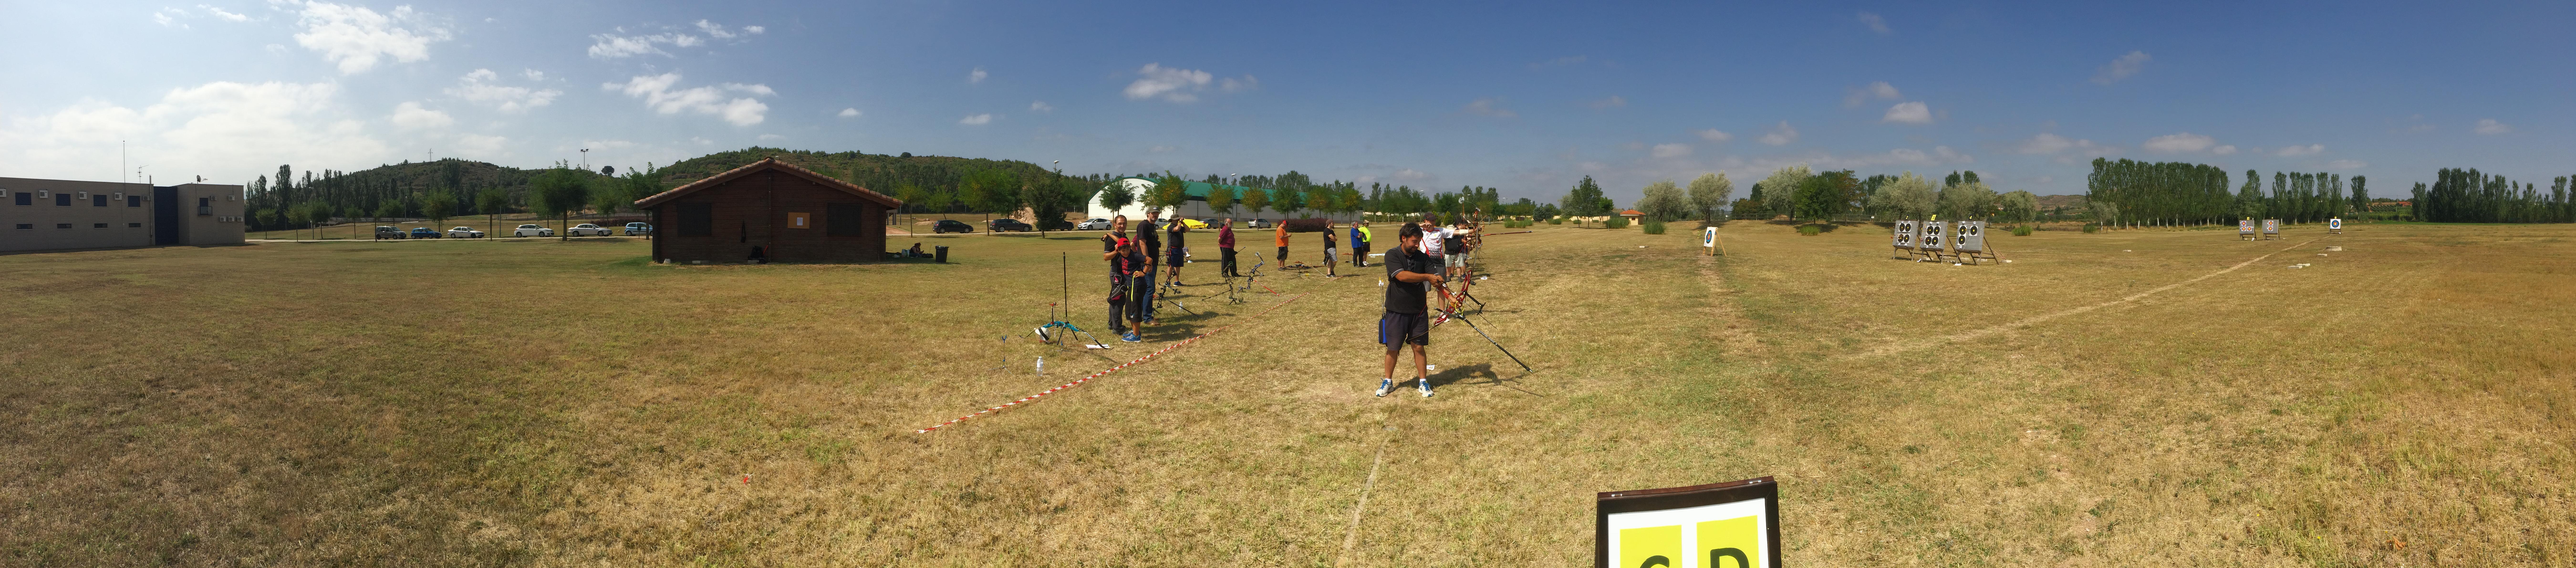 III Campeonato Eypos Aire Libre 2016